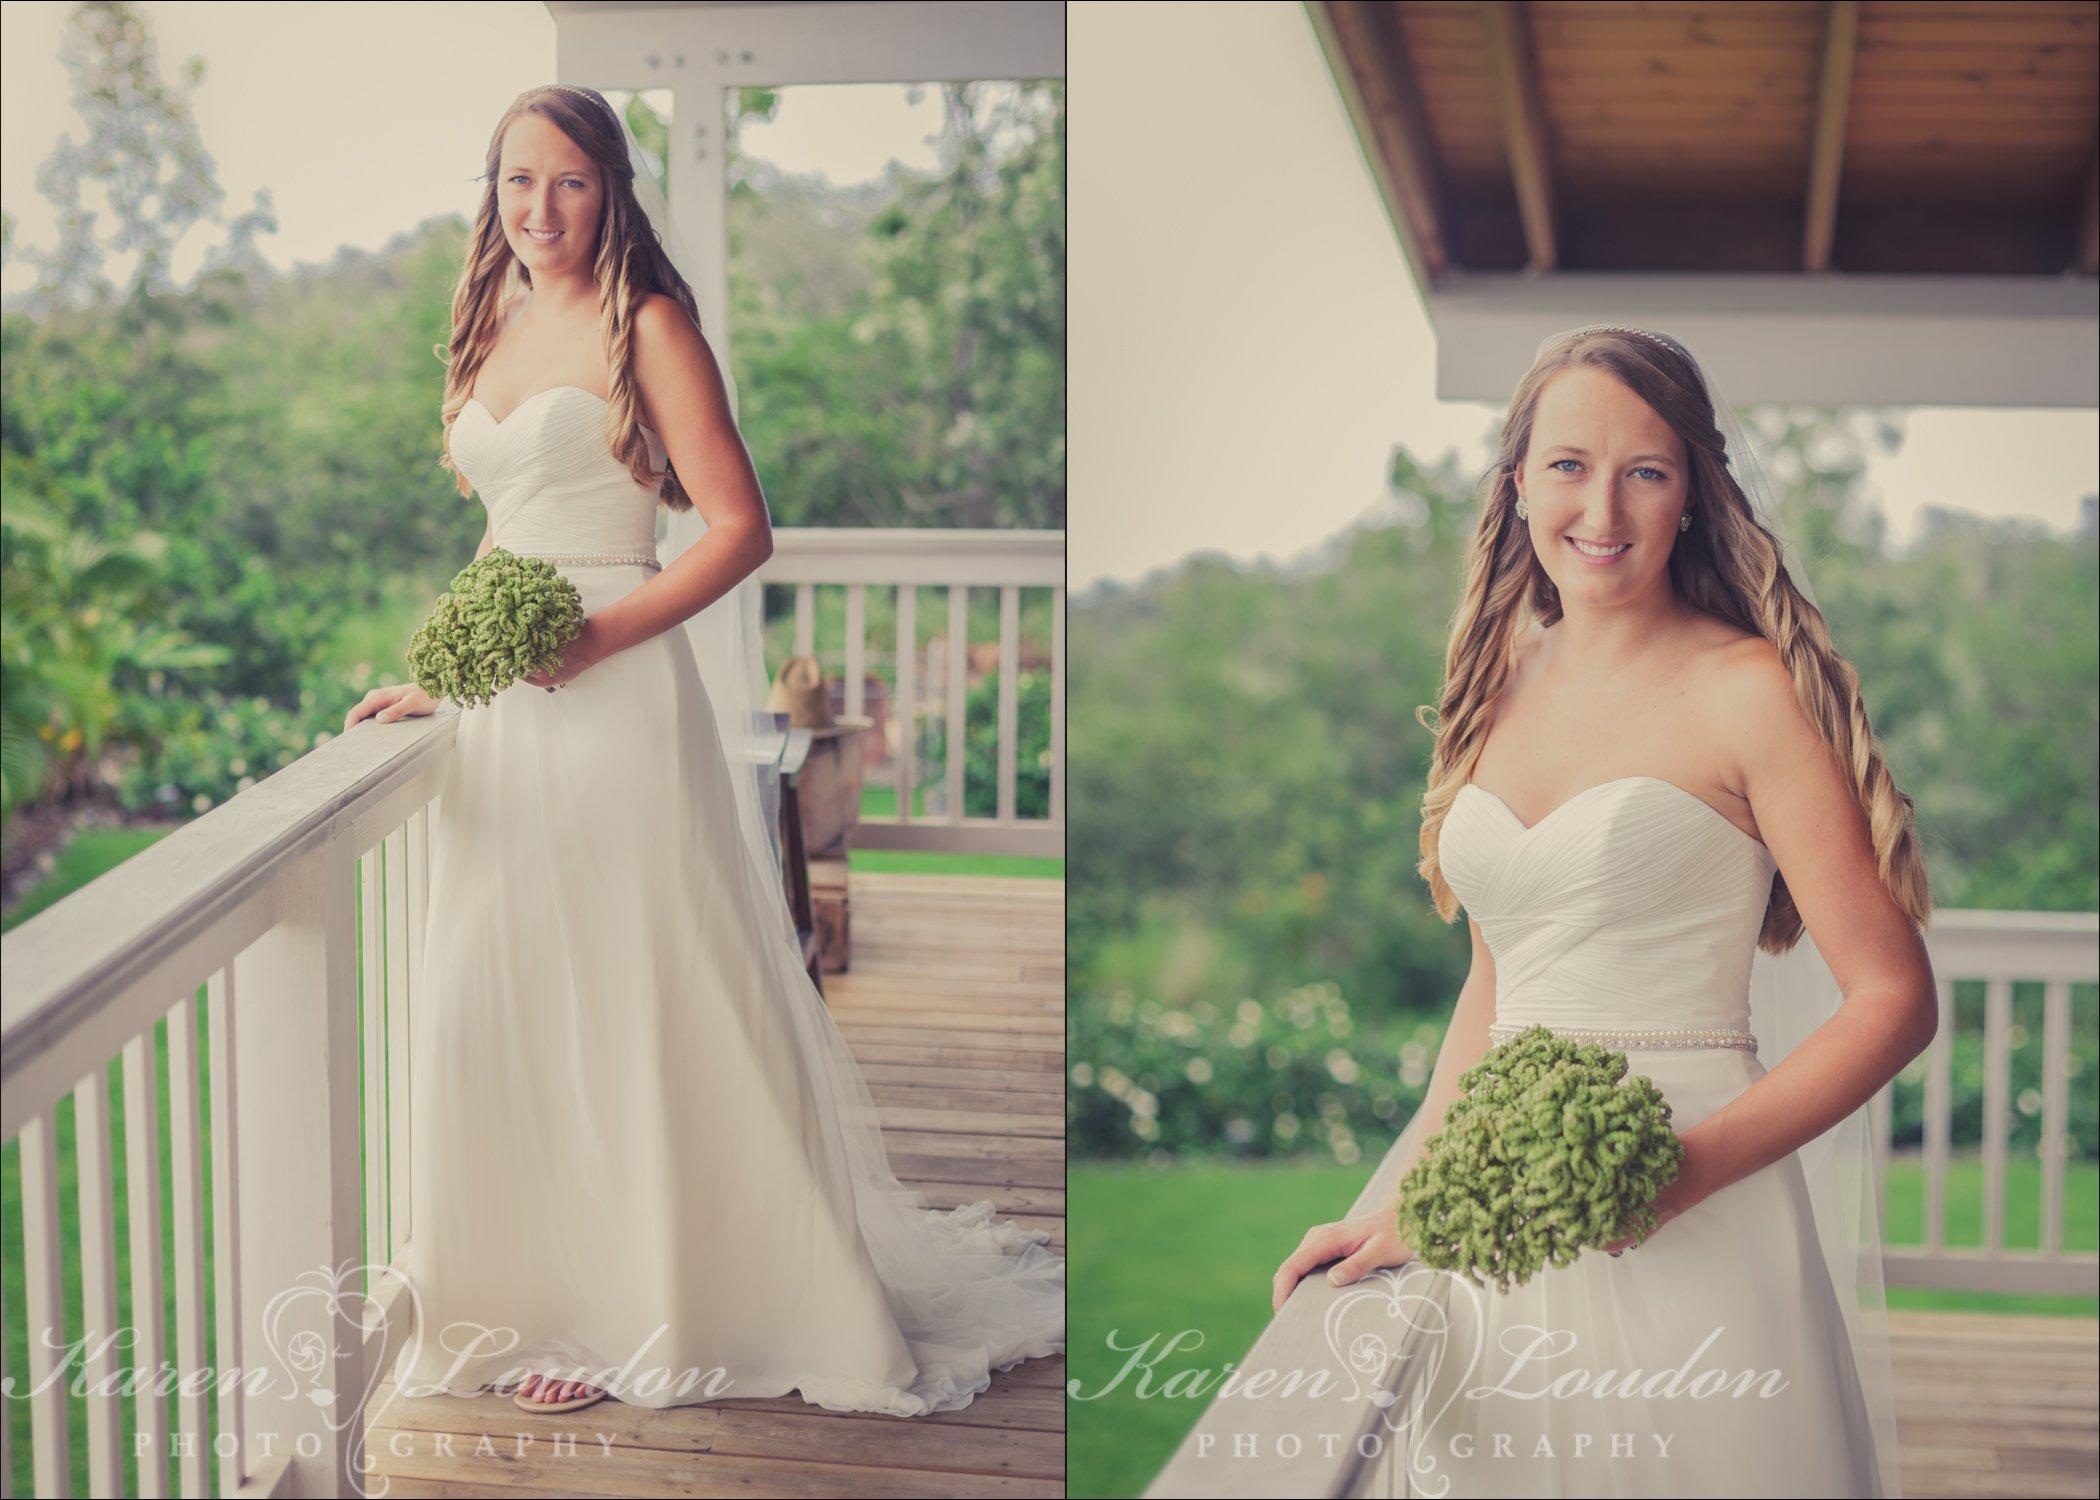 Hawaii Bride photos